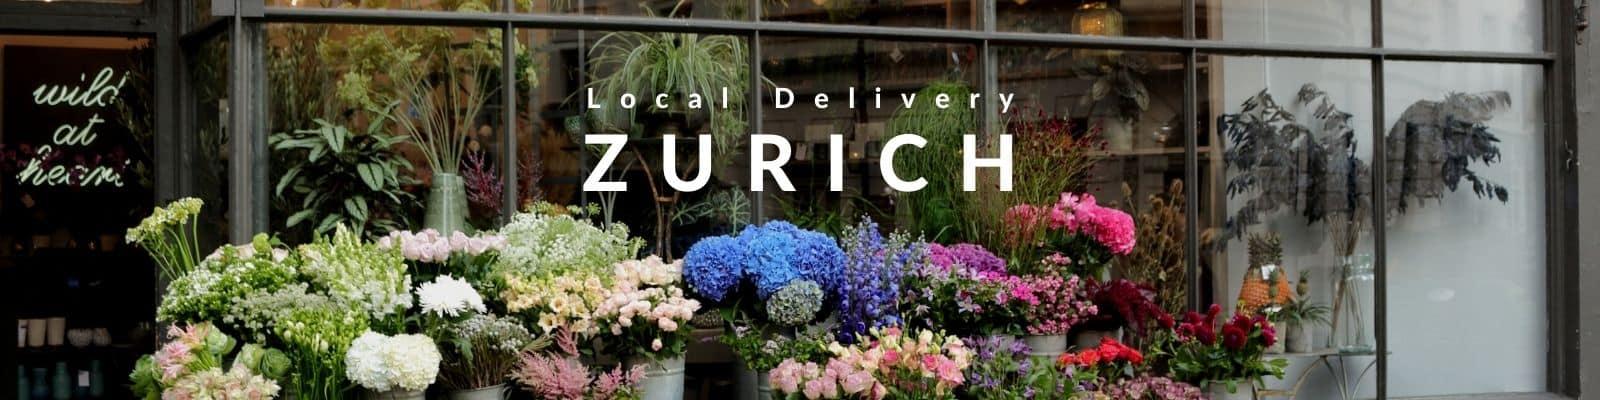 Flower Delivery Zurich - Send Flowers to Zurich - Switzerland